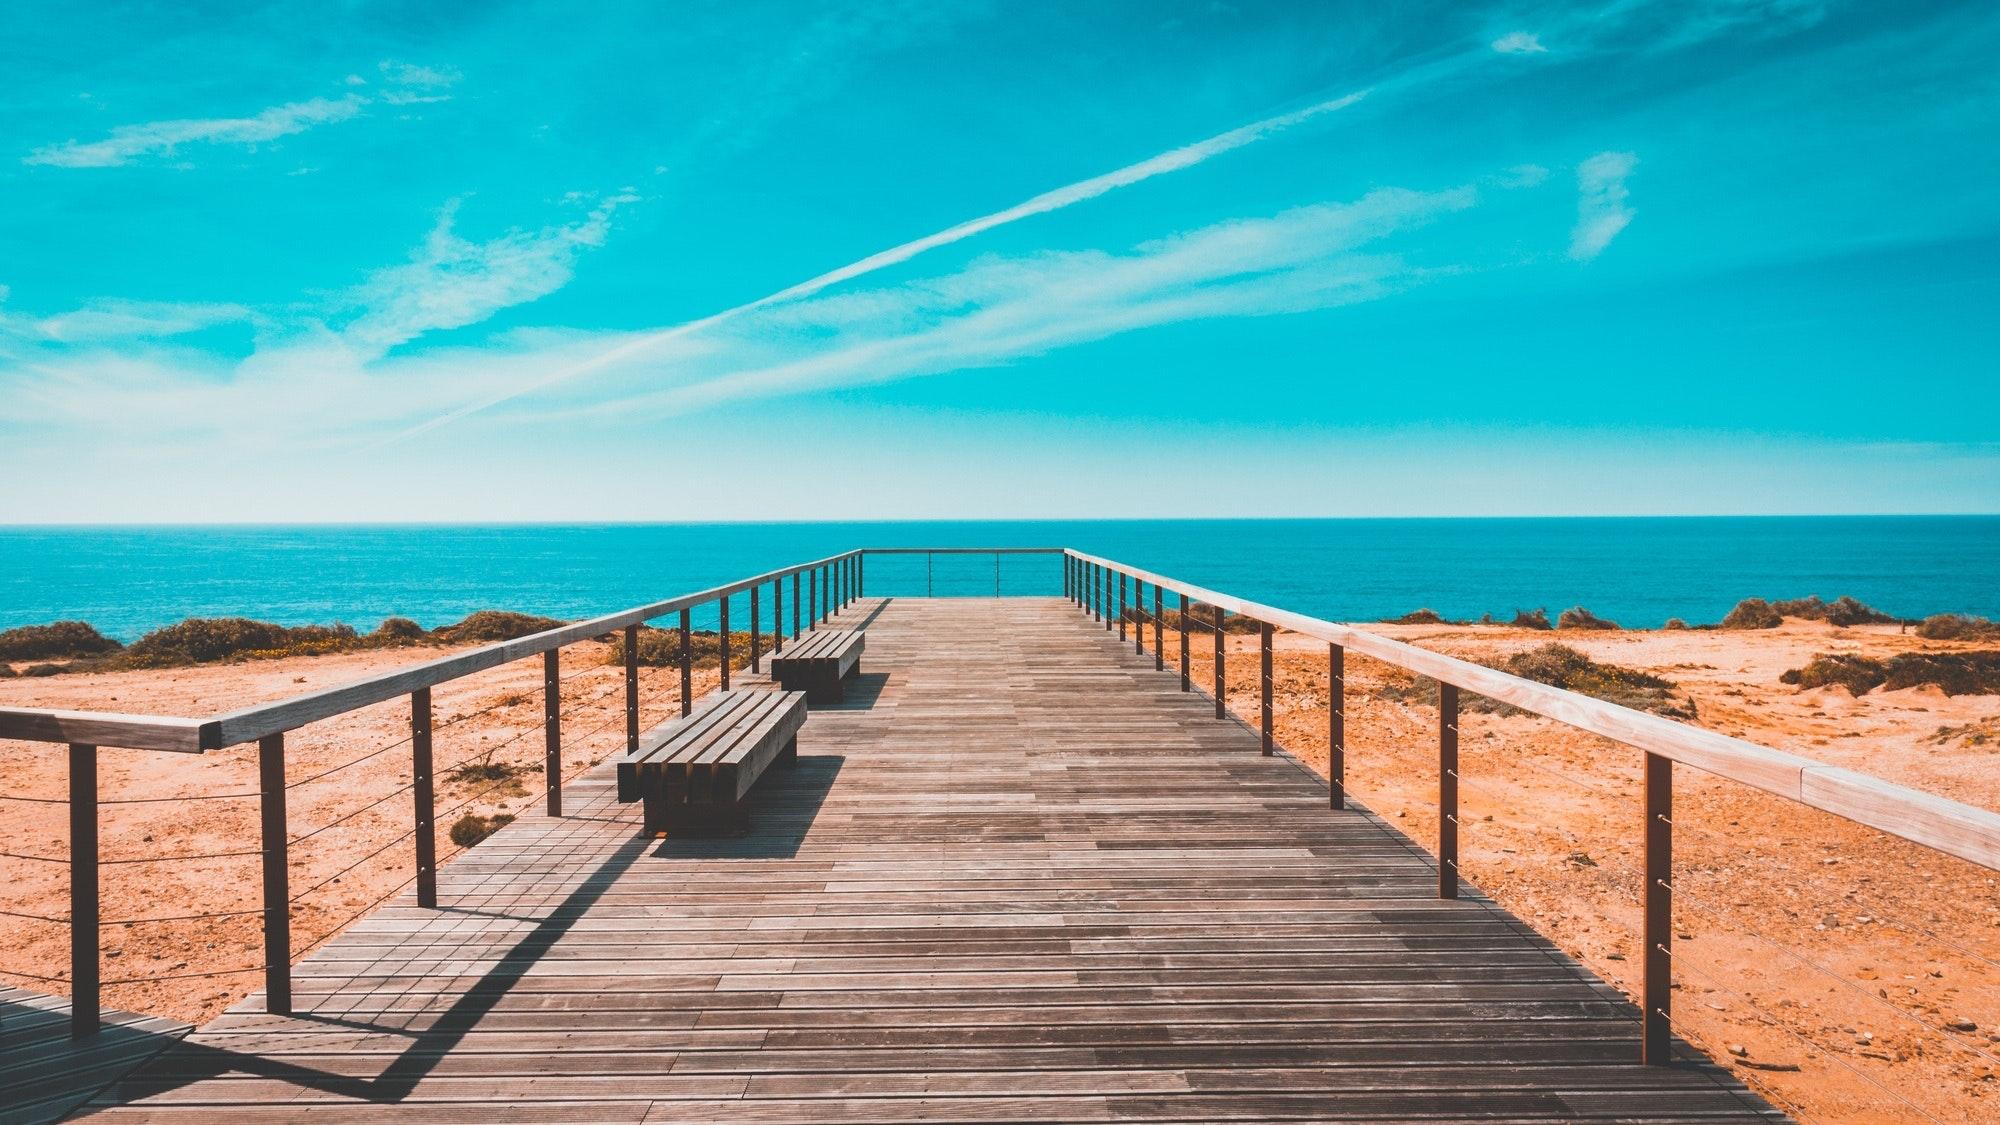 beach-bench-boardwalk-462024.jpg